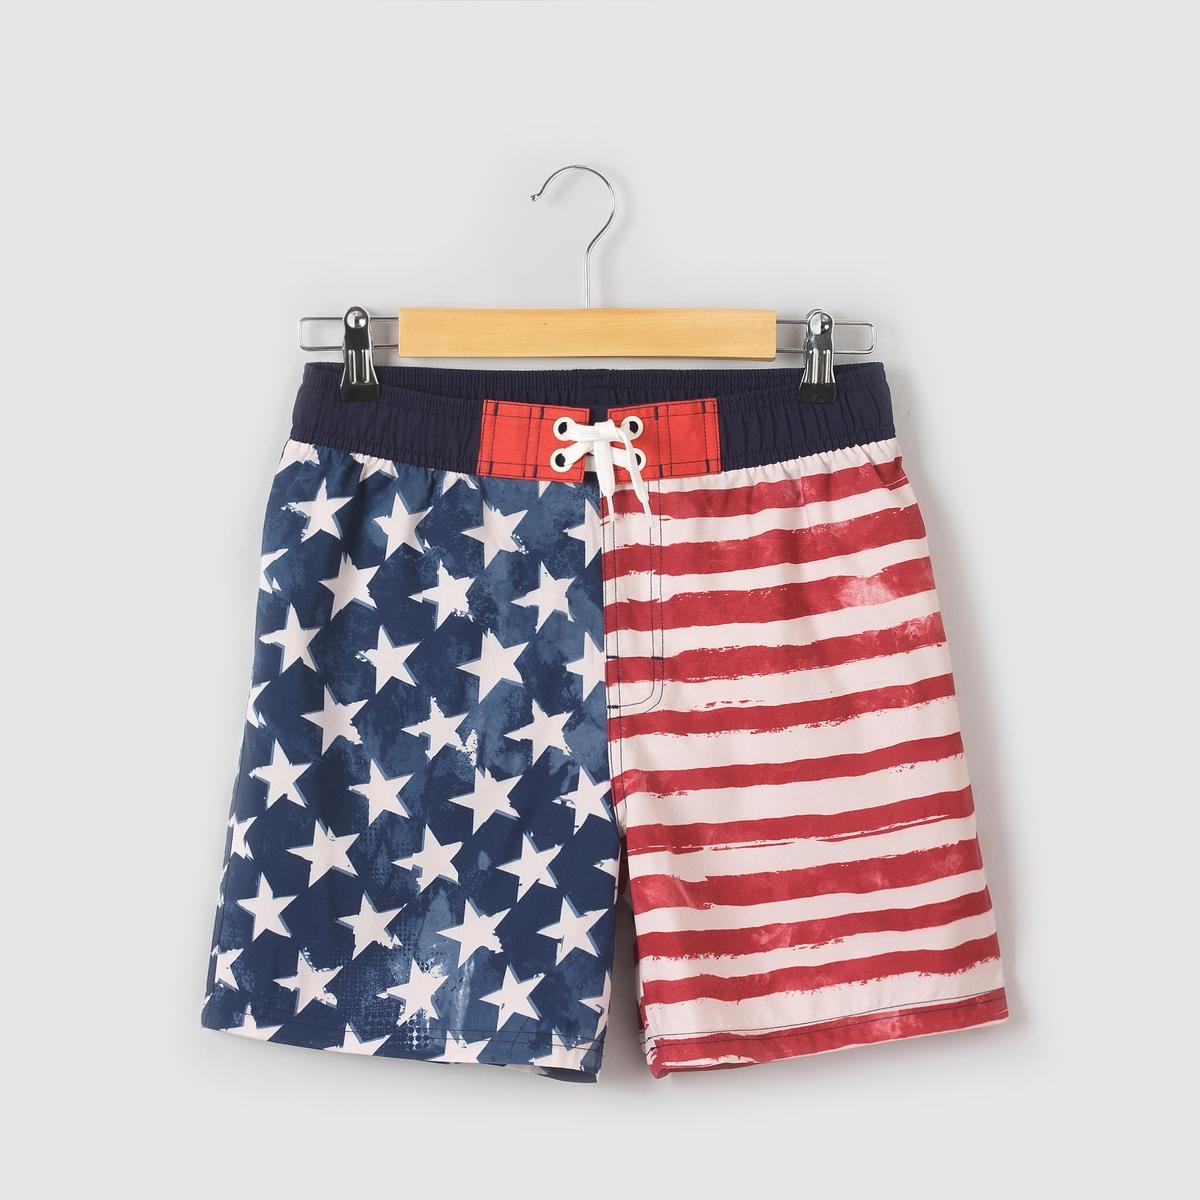 Calções de banho, estampado bandeira EUA, 10-16 anos